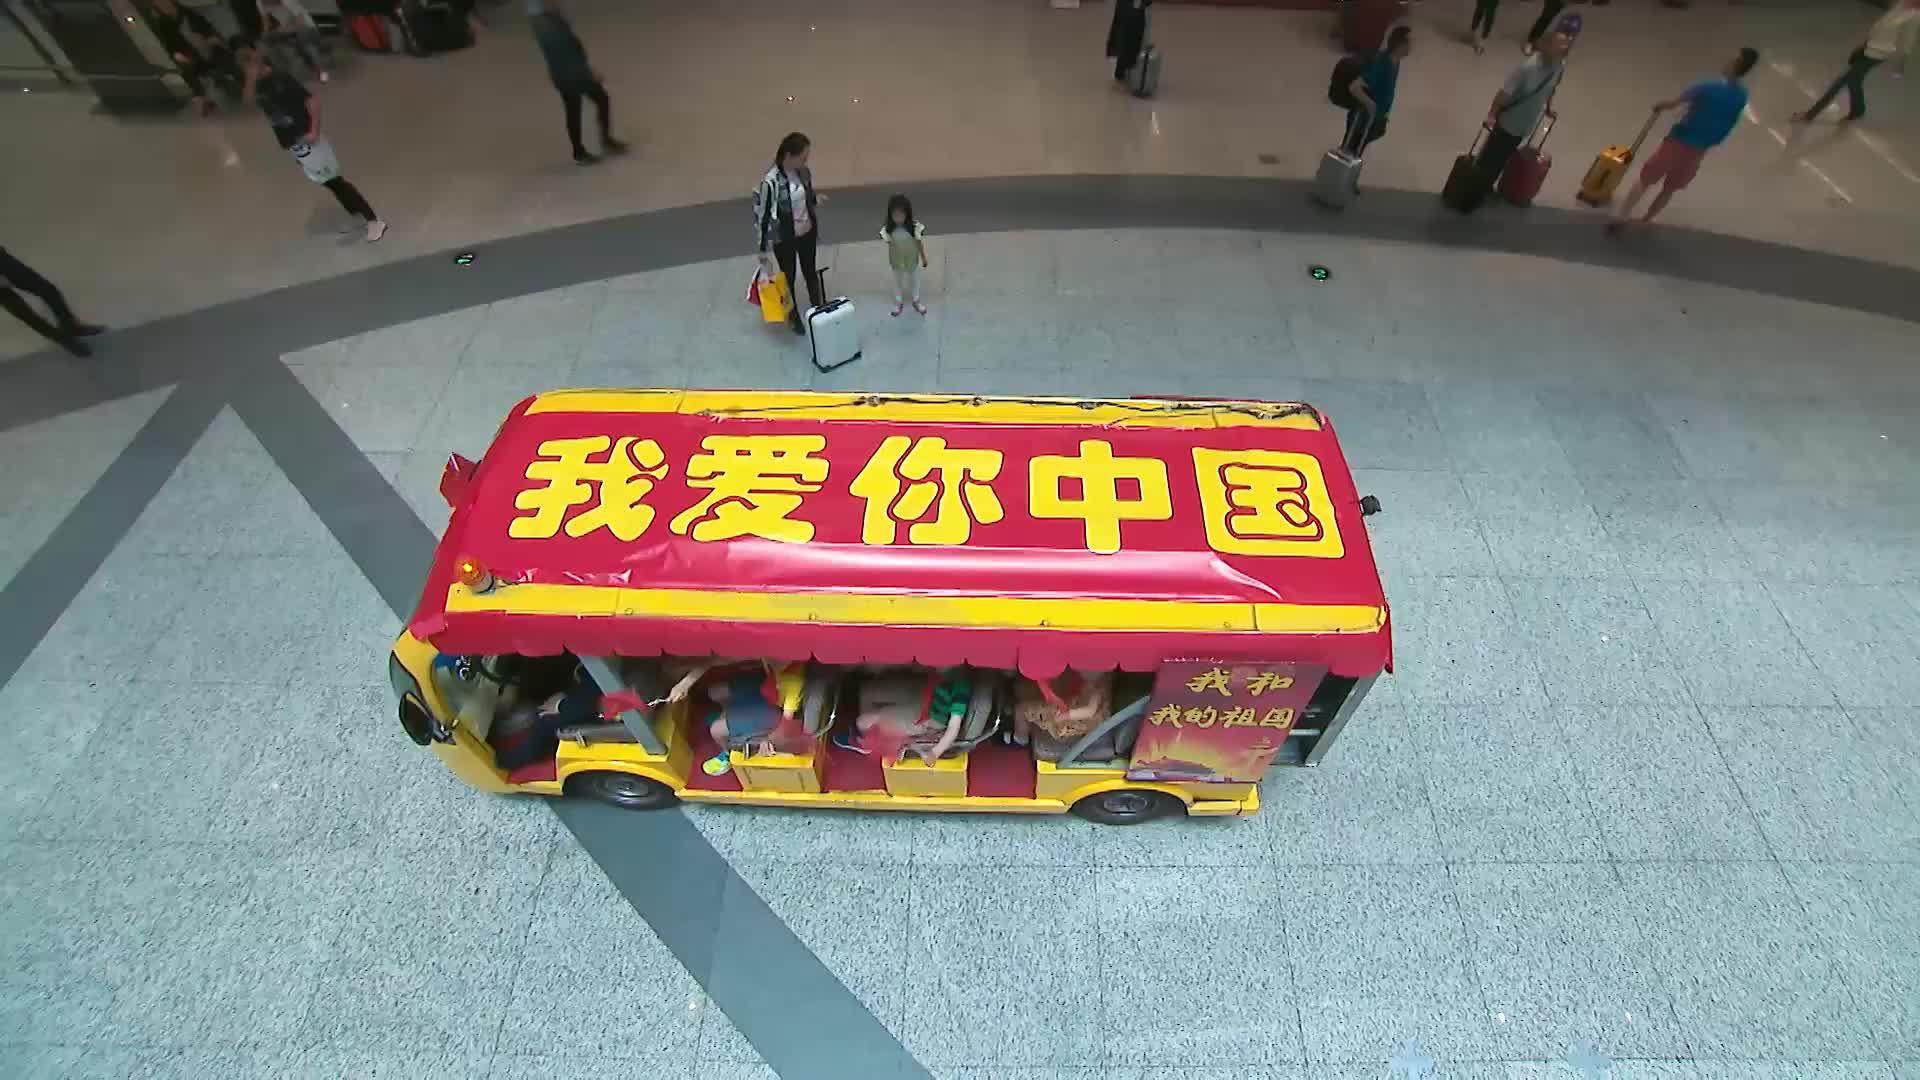 中国福利会小伙伴艺术团机场快闪活动